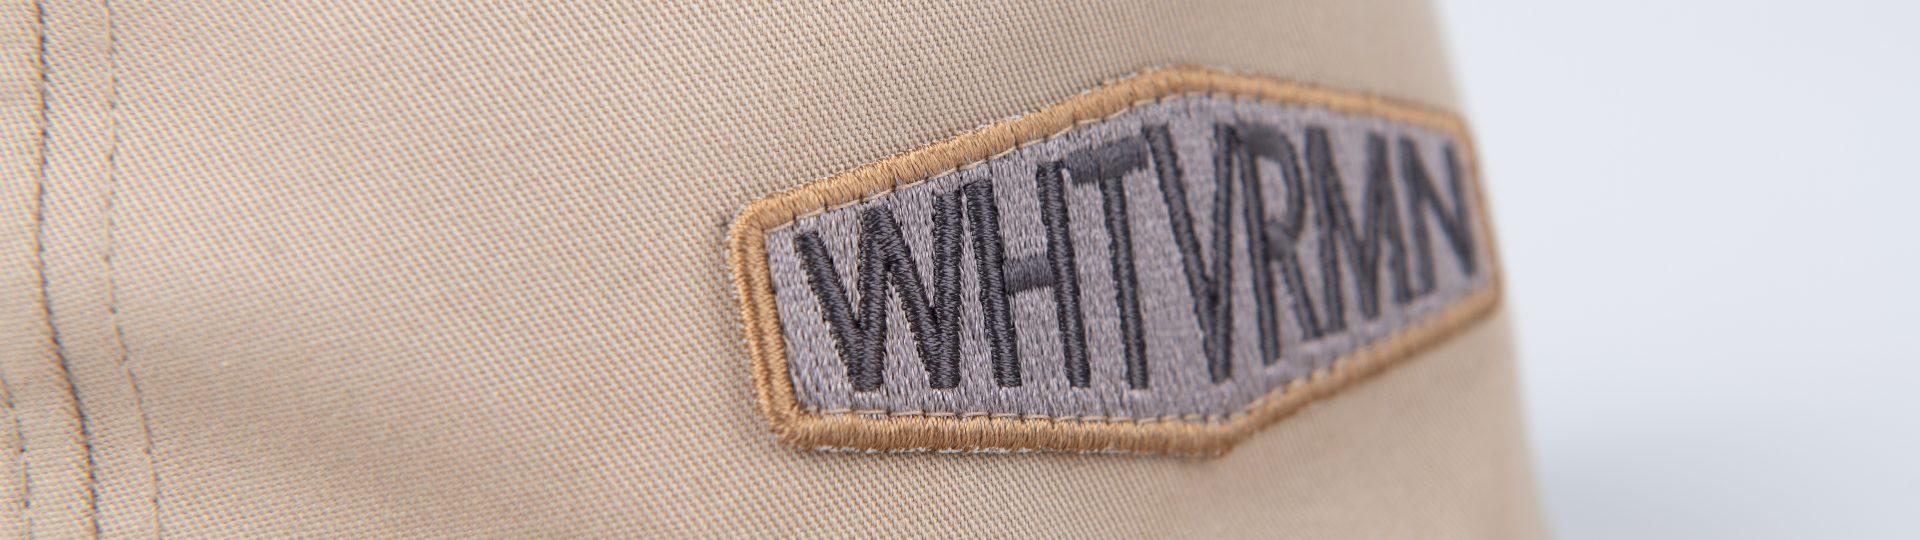 Whatever Man Unstructured WHTVRMN Header